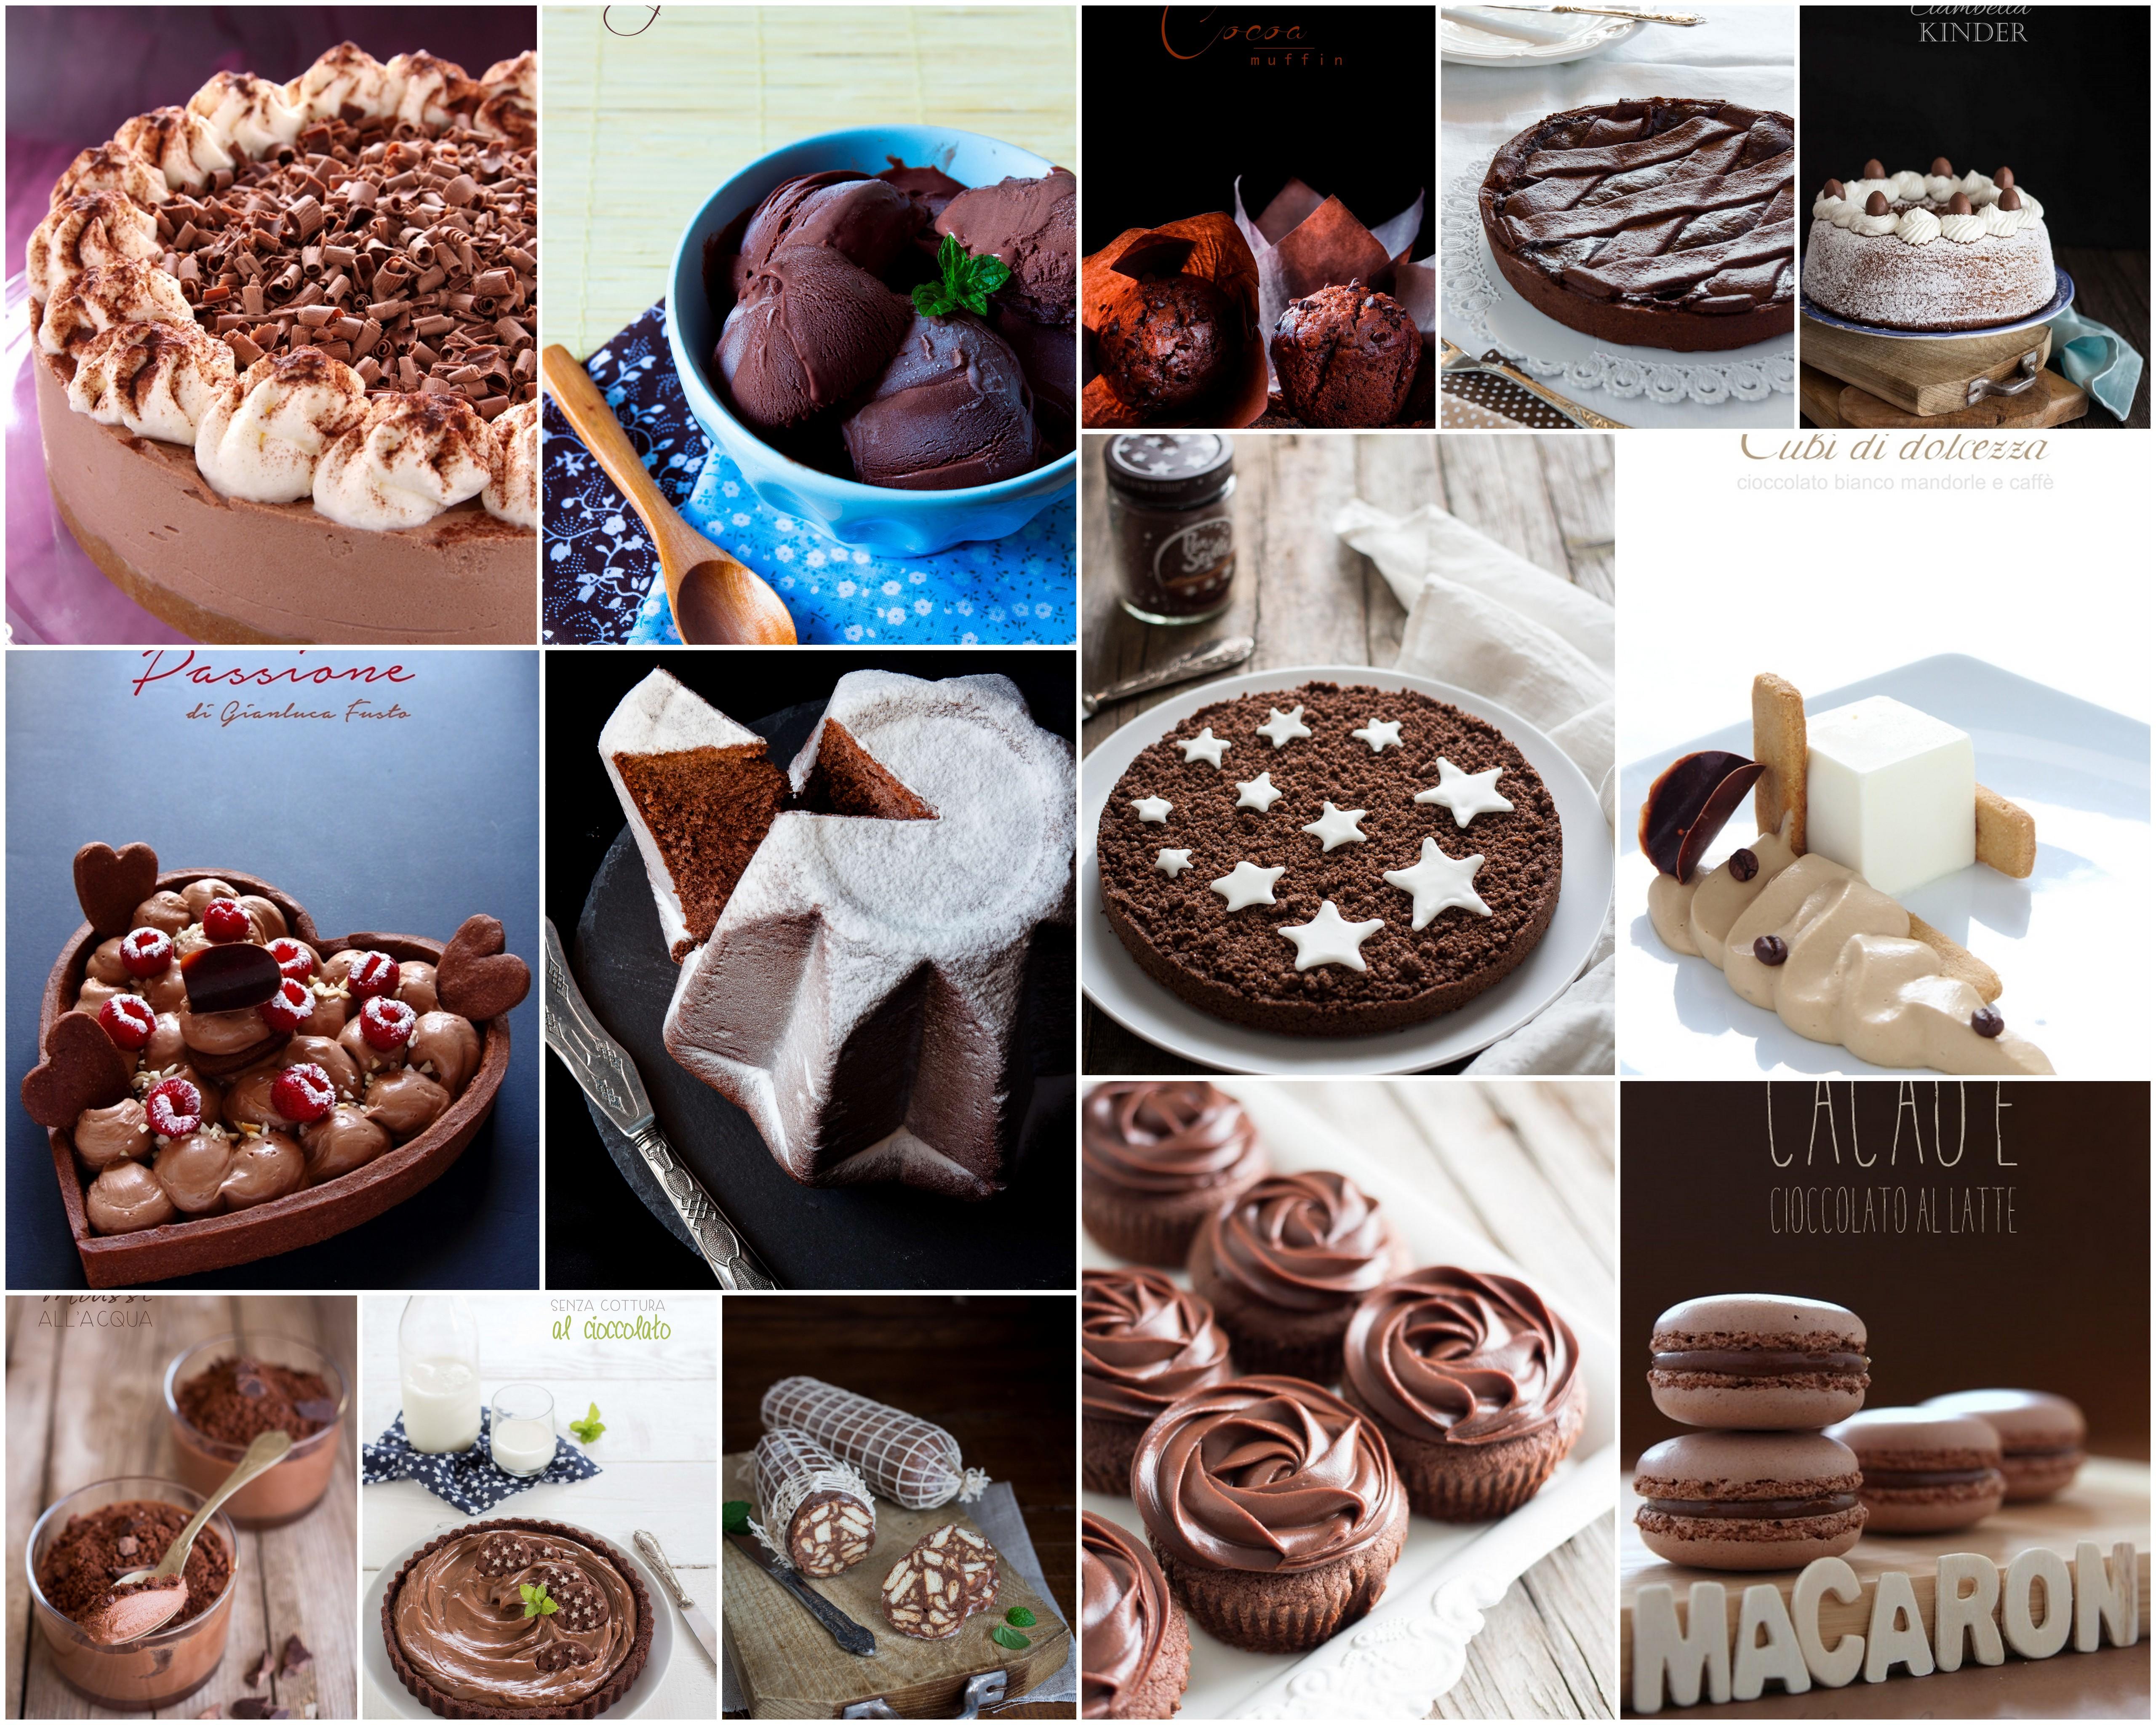 Cioccolato - Tutte le nostre ricette